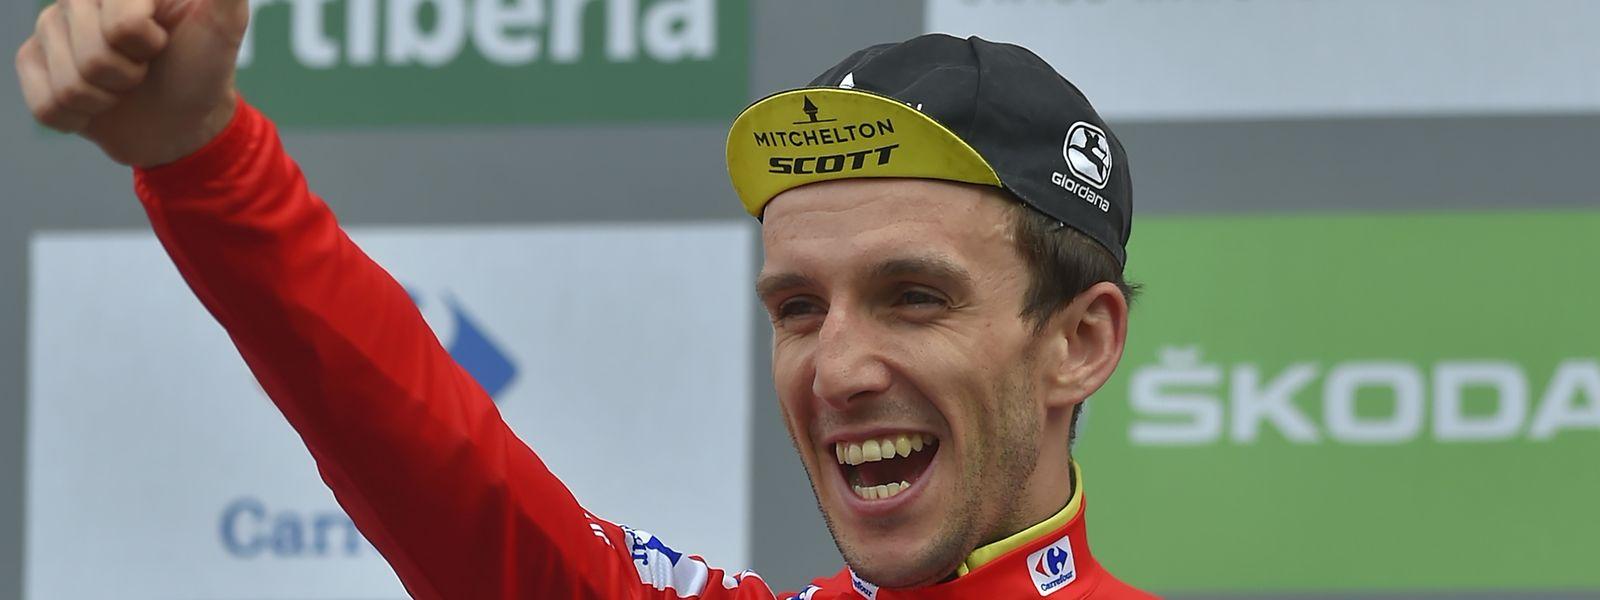 Der Fahrer von Mitchelton-Scott's British, Simon Philip Yates, steht vor dem Gesamtsieg.